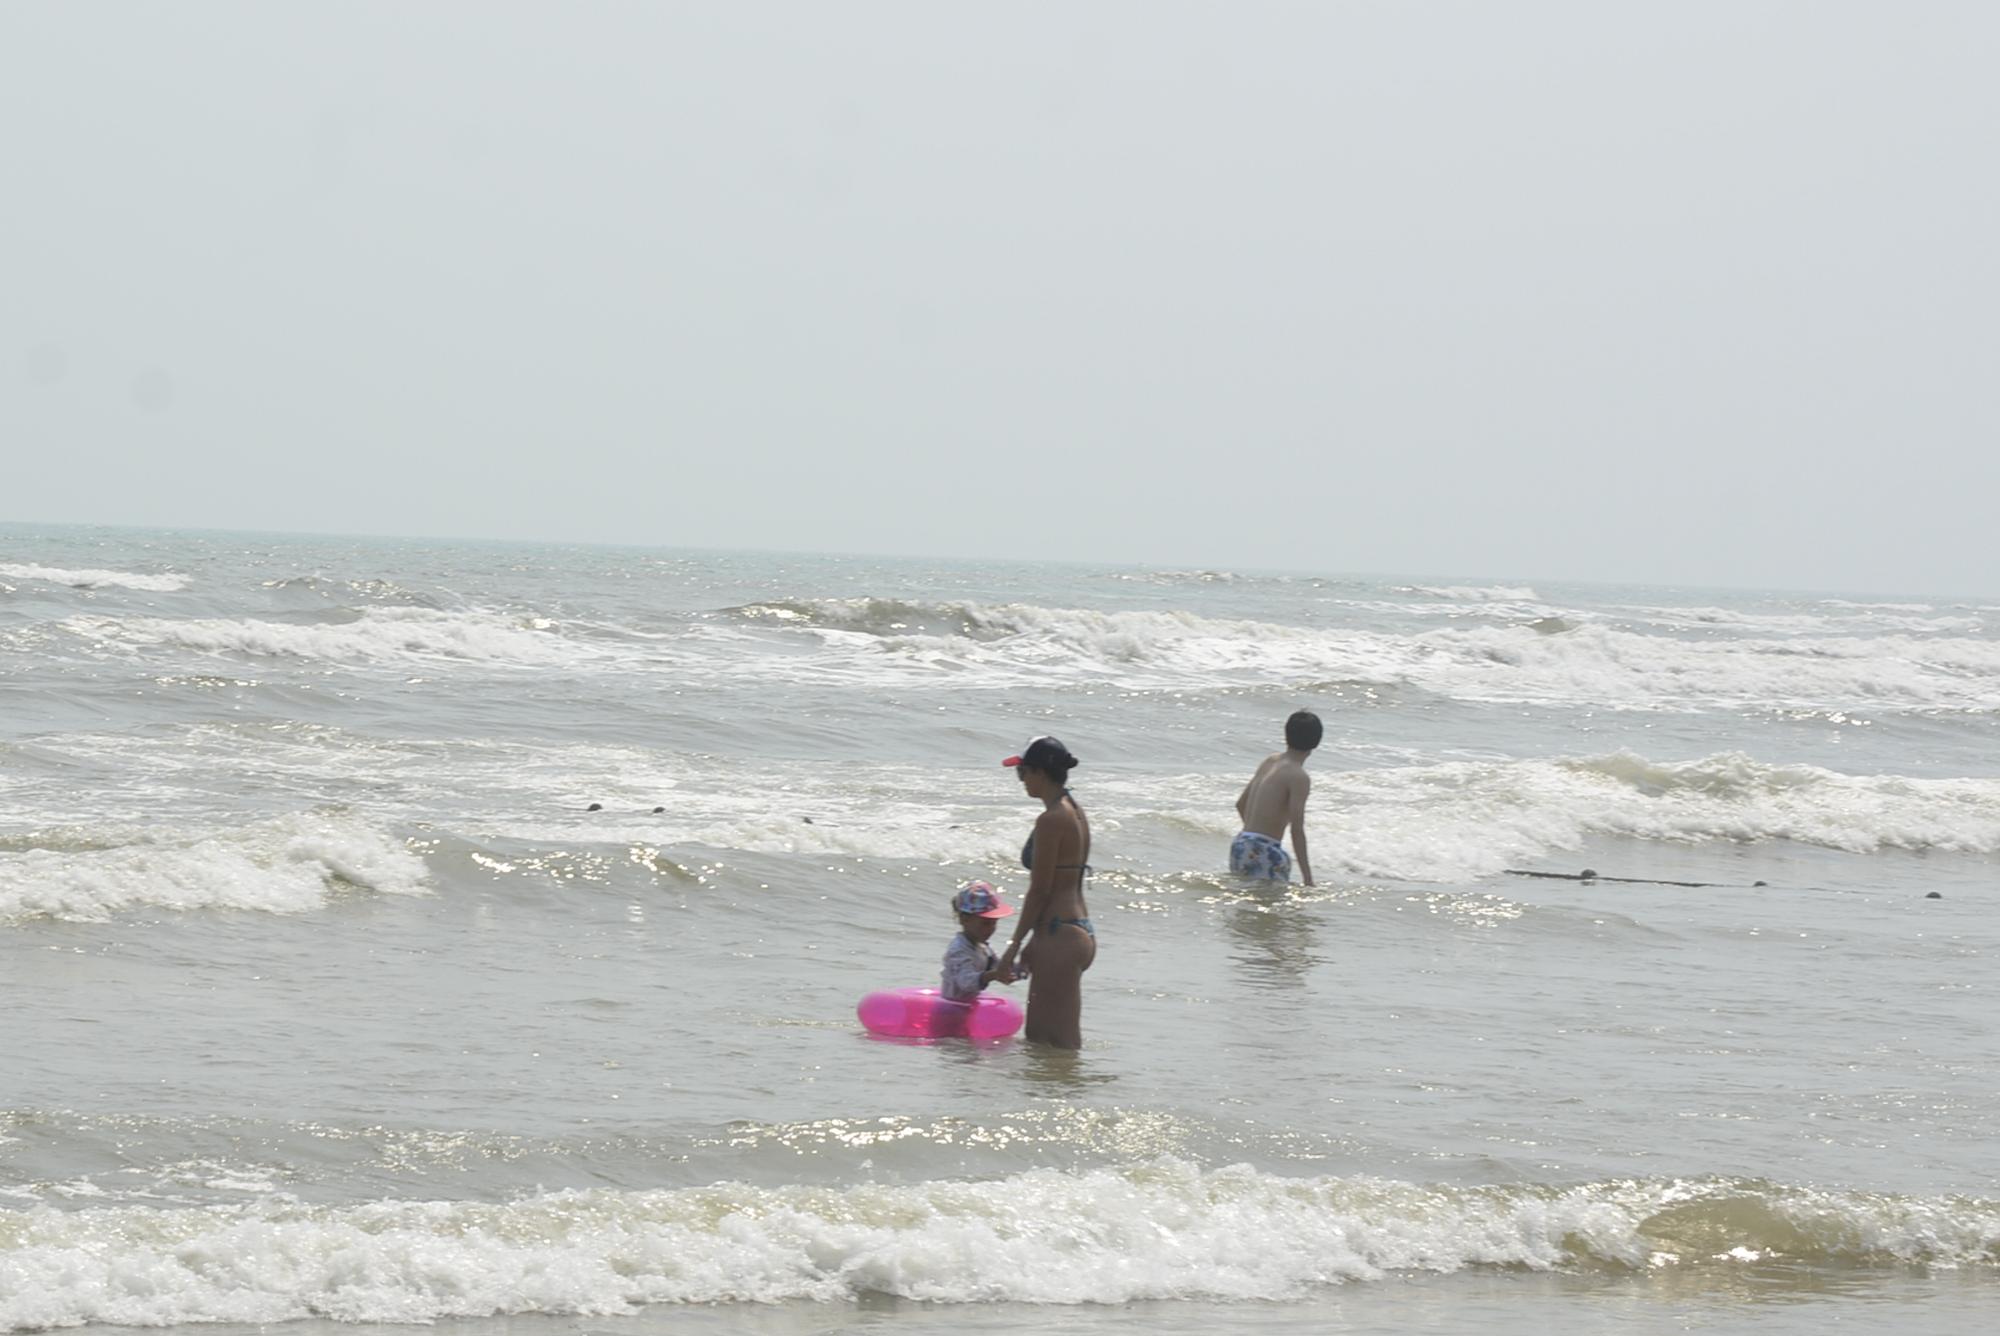 Đà Nẵng: Du khách thảnh thơi vui chơi ở bãi biển khi dịch Covid-19 được phòng tốt - Ảnh 9.